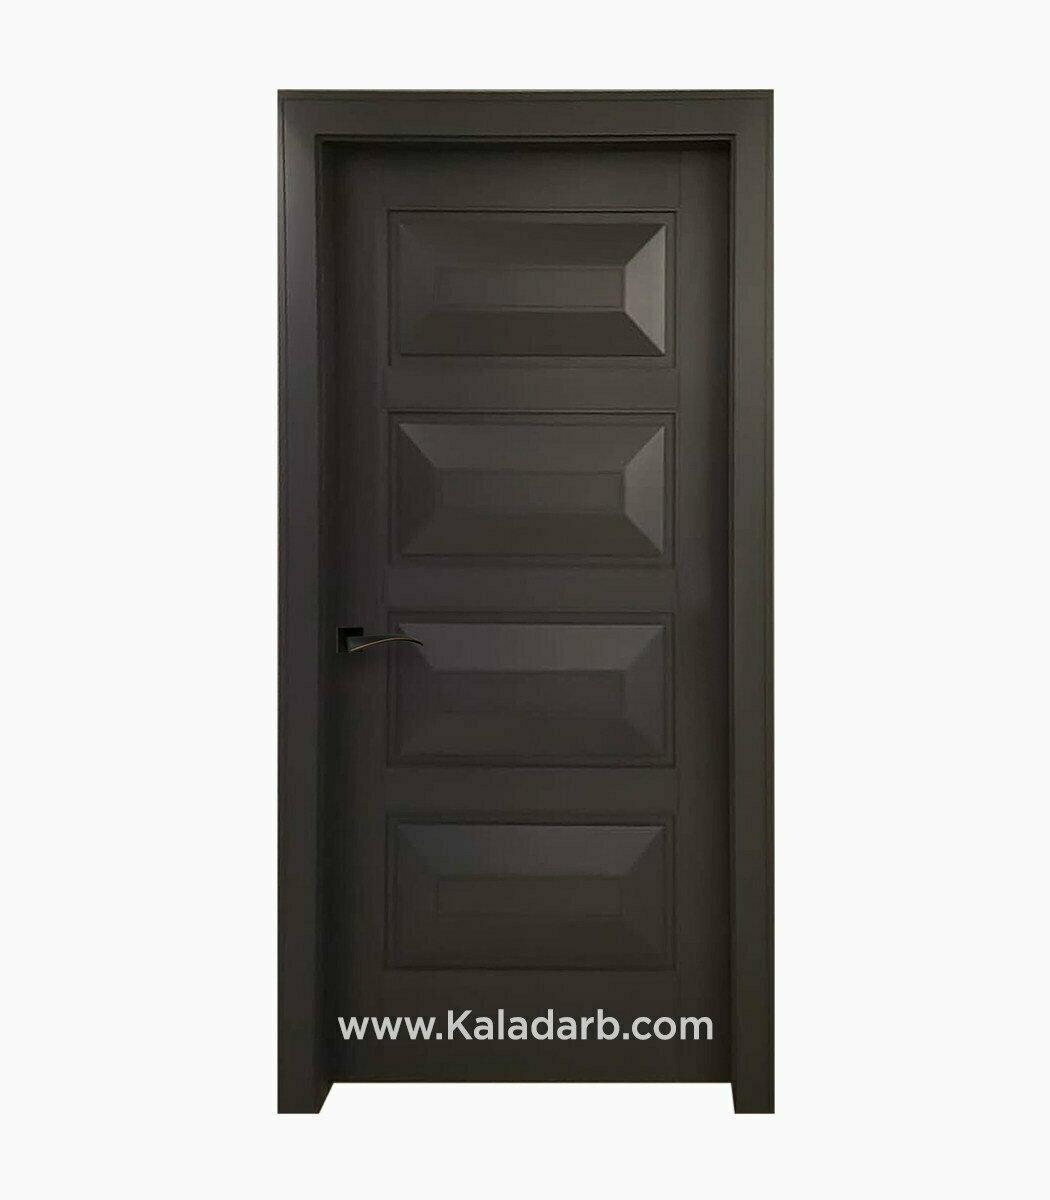 درب اتاق خاکستری